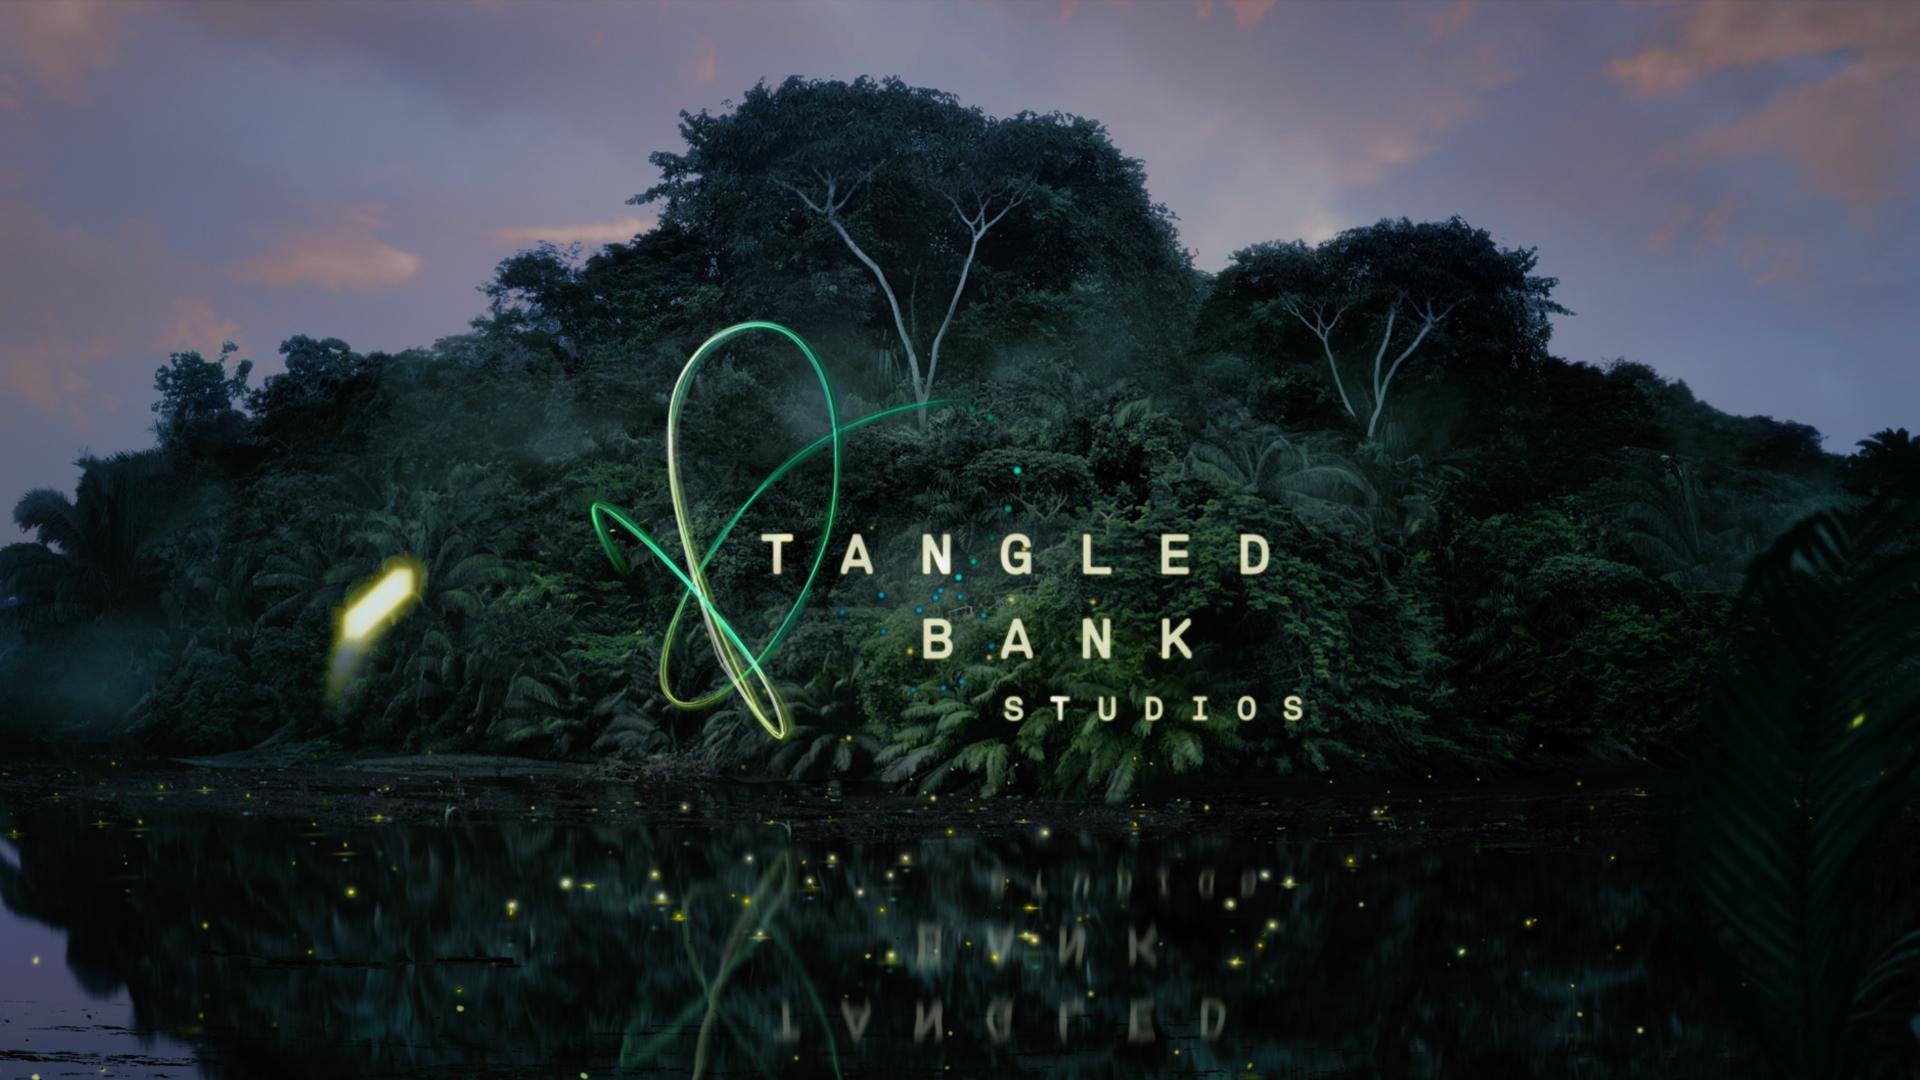 TANGLED BANK